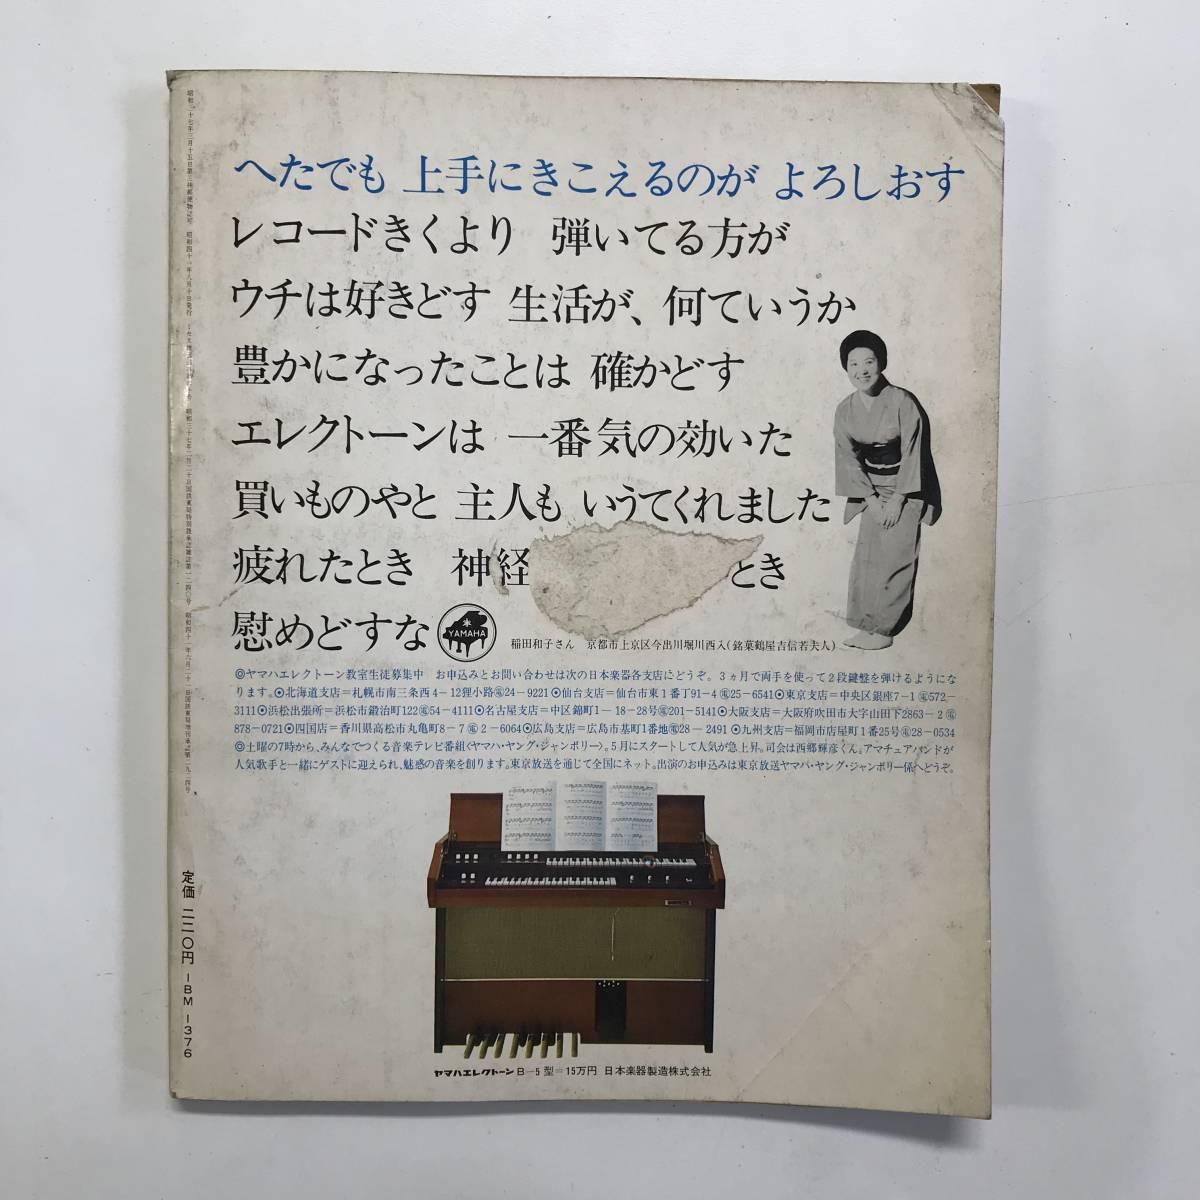 ミセス 臨時増刊号 昭和41年8月号 t00941_l3_画像5